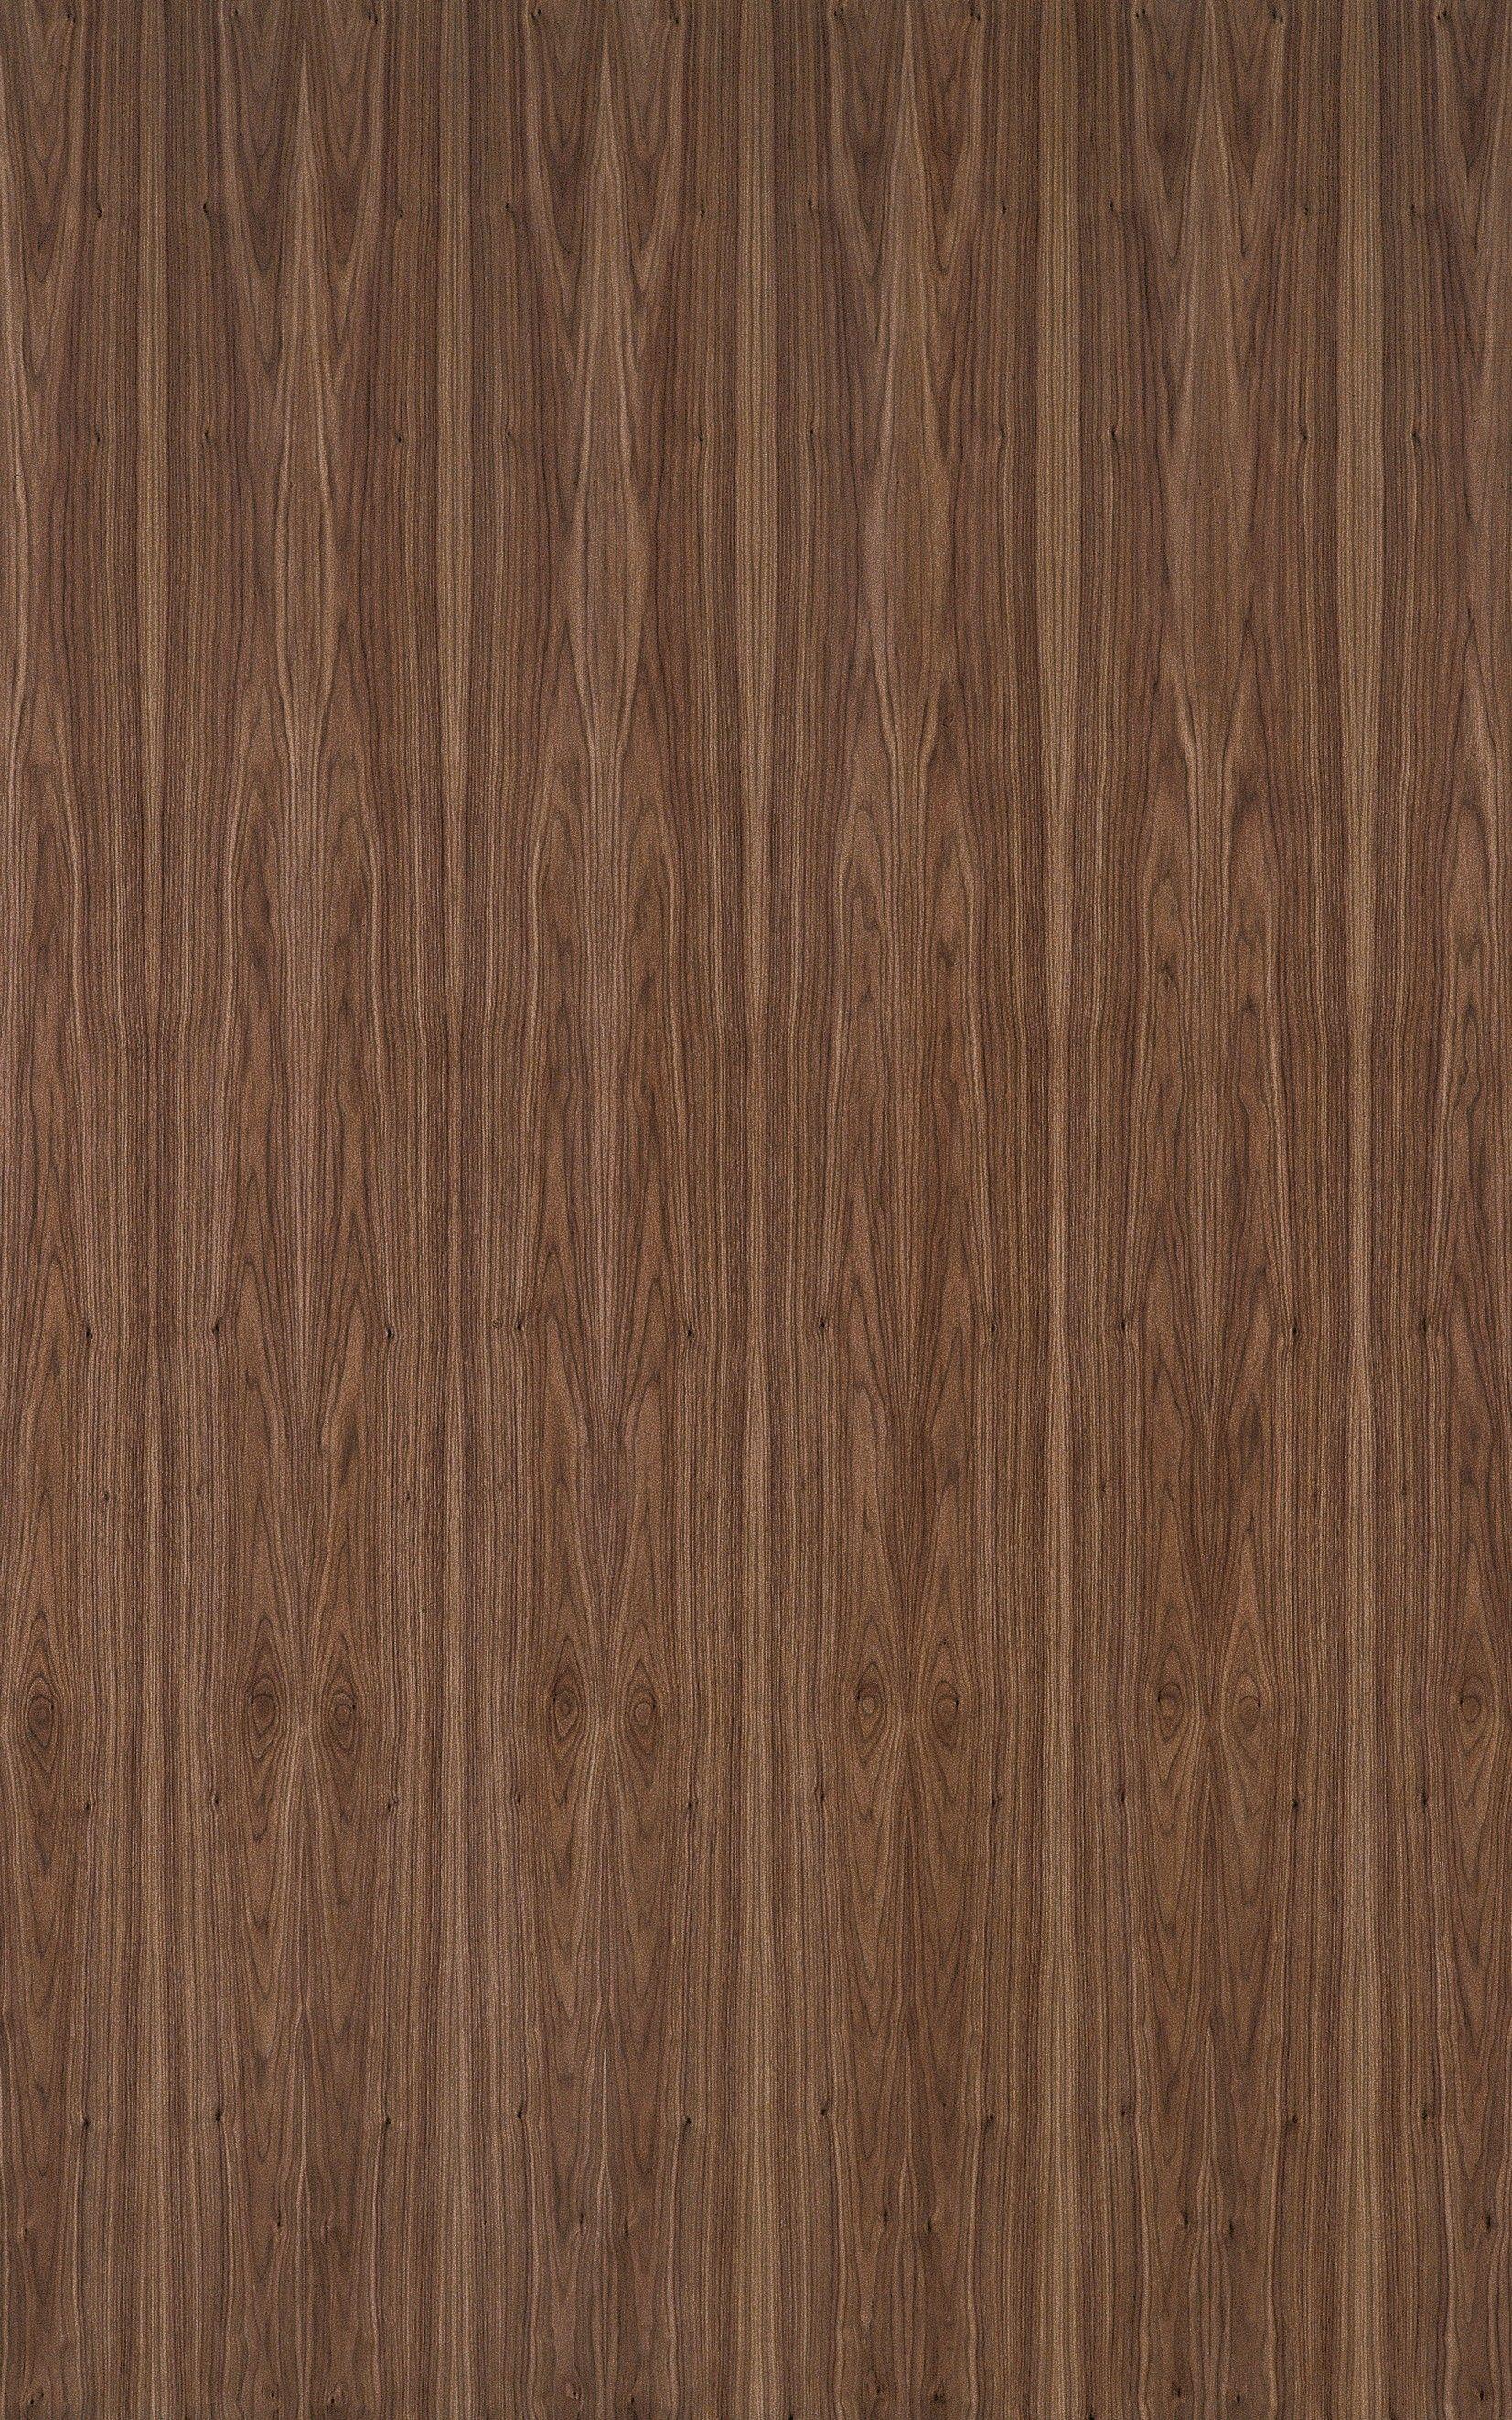 American Walnut Veneer Nick Miller Design Wood Wall